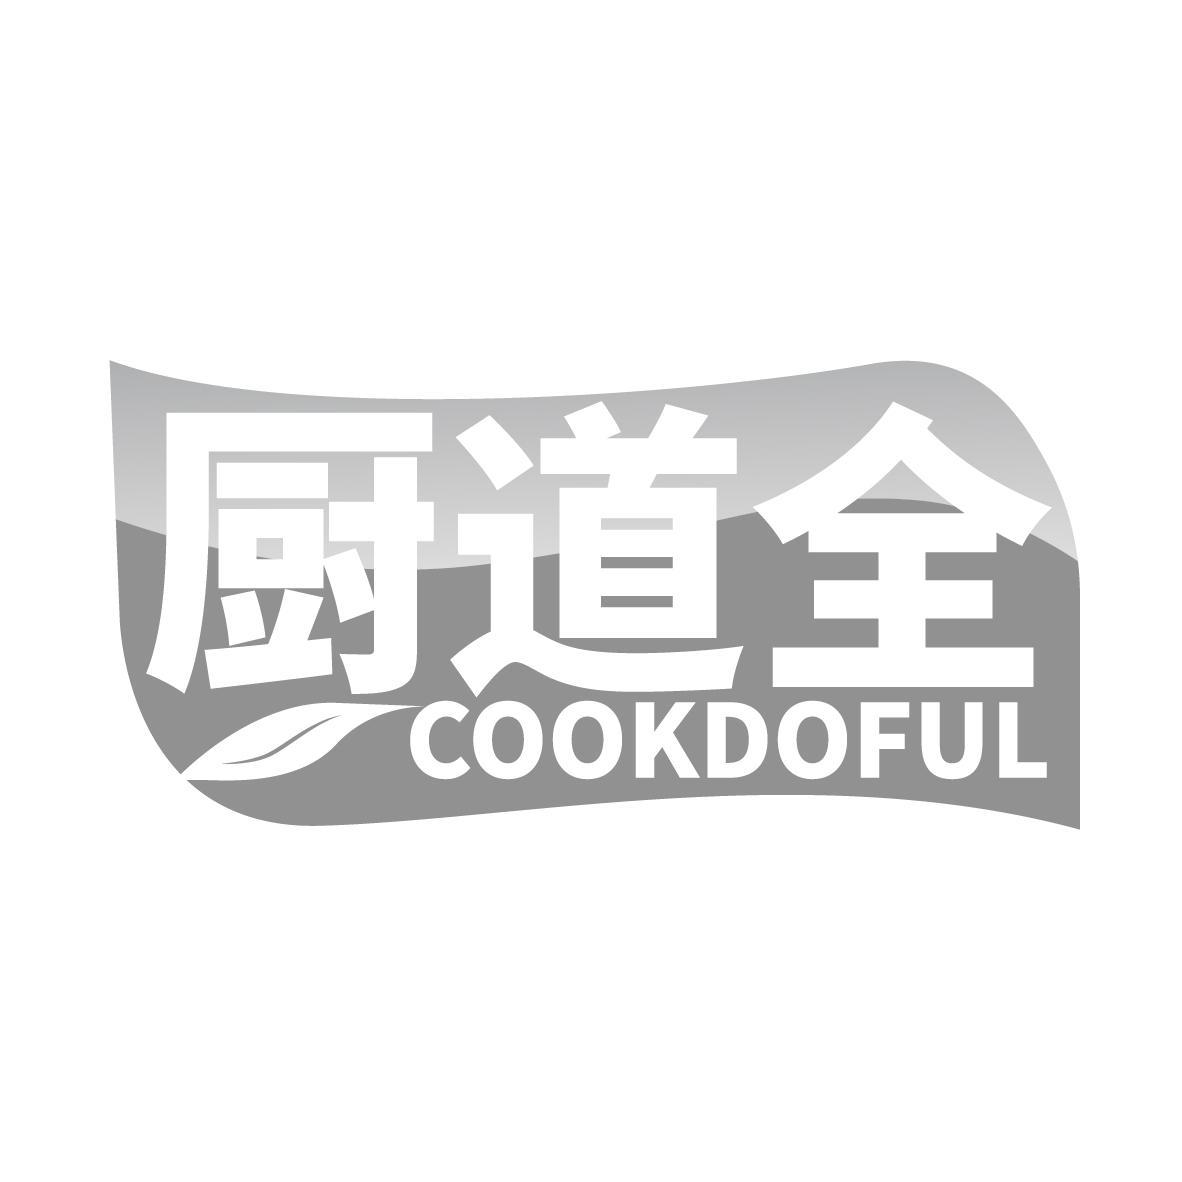 服装加工订单qq群_第29类厨道全 COOKDOFUL商标正在出售中-标转转官网